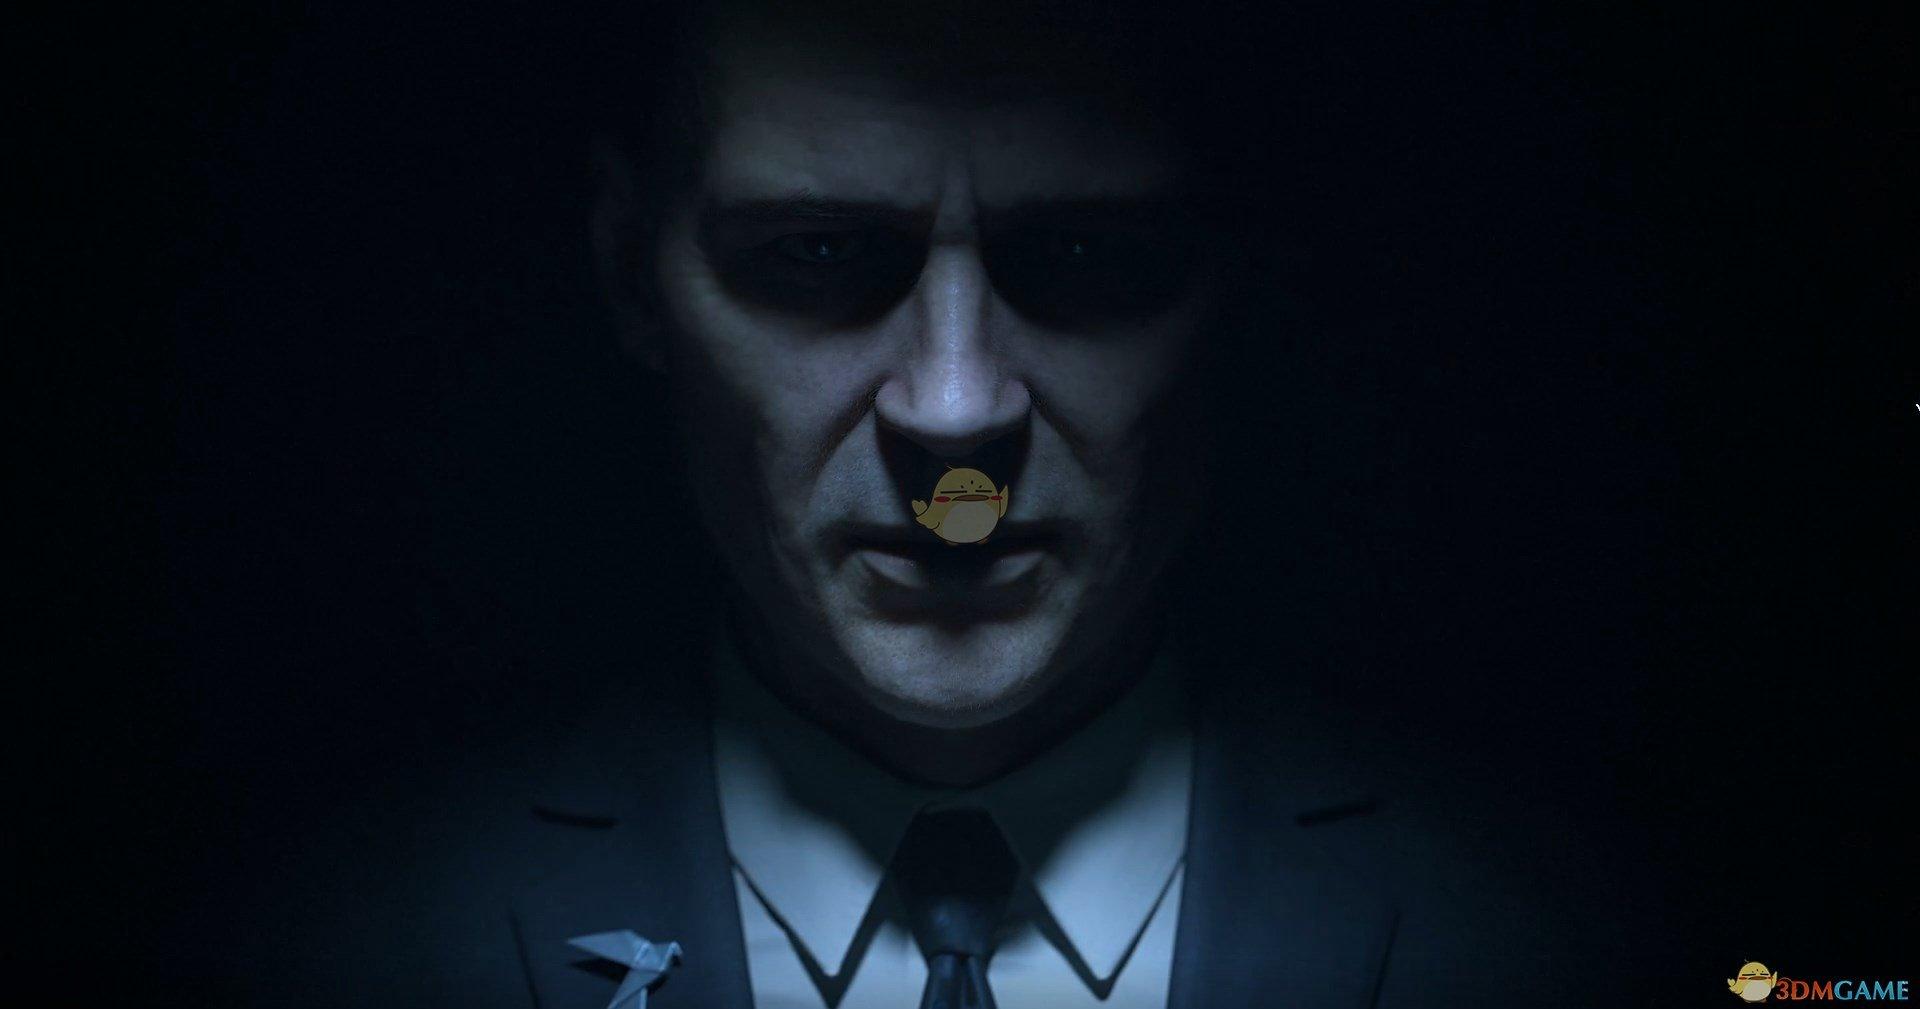 《杀手3》游戏不同版本价格一览